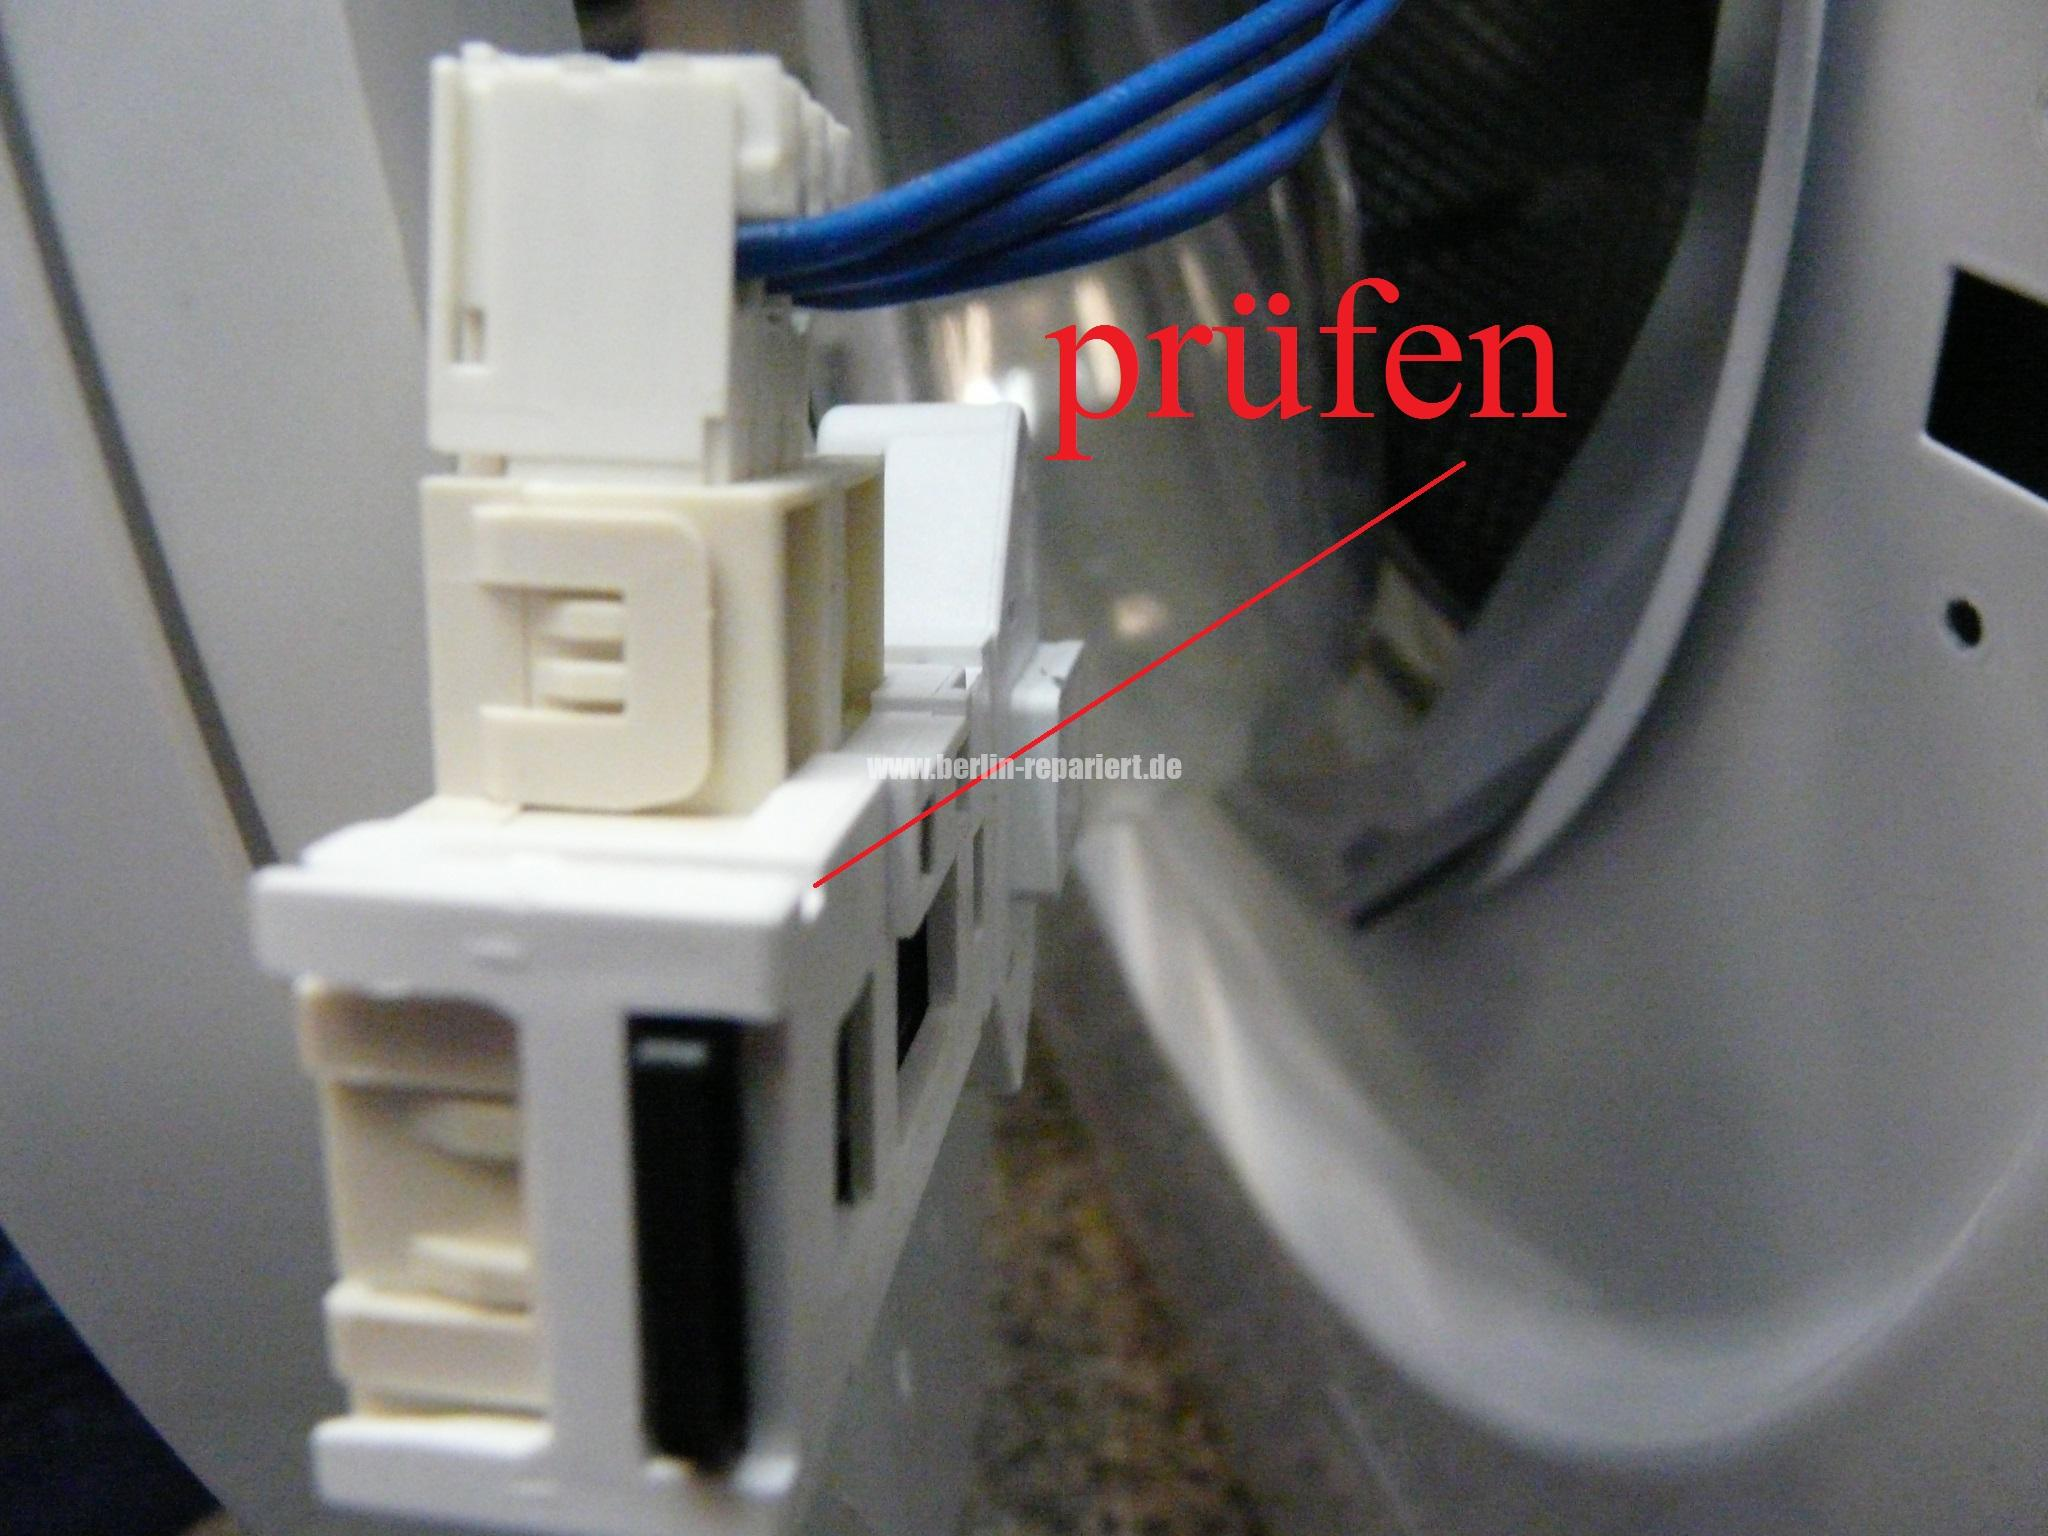 Gorenje Kühlschrank Fehler E2 : Gorenje w s fehlermeldung e u we repair wir reparieren